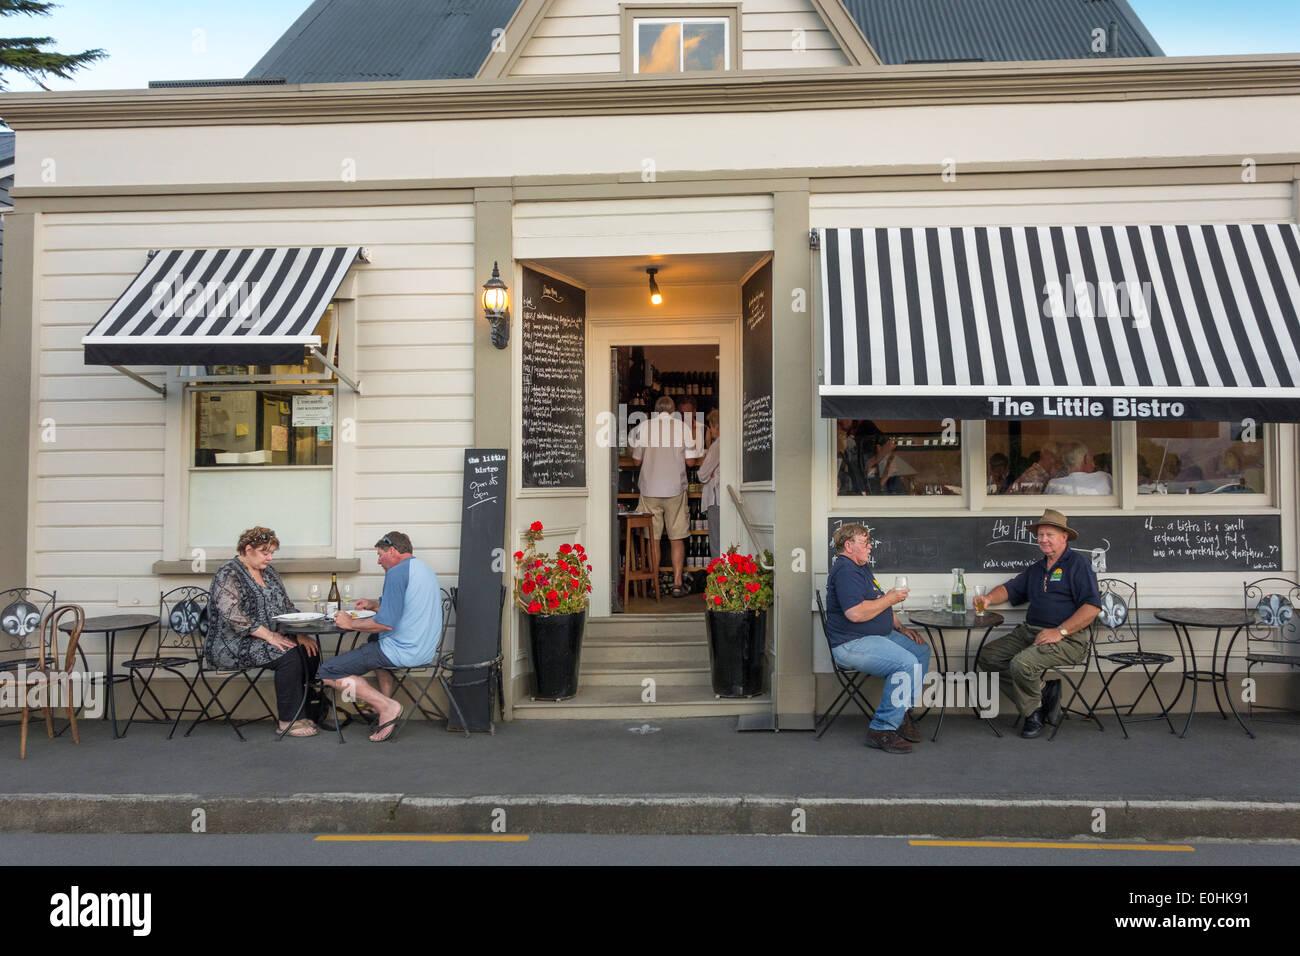 New Caledonia New Zealand Le petit bistrot meilleur restaurant français de nuit avec passagers de navires de croisière en plein air manger boire du vin Photo Stock